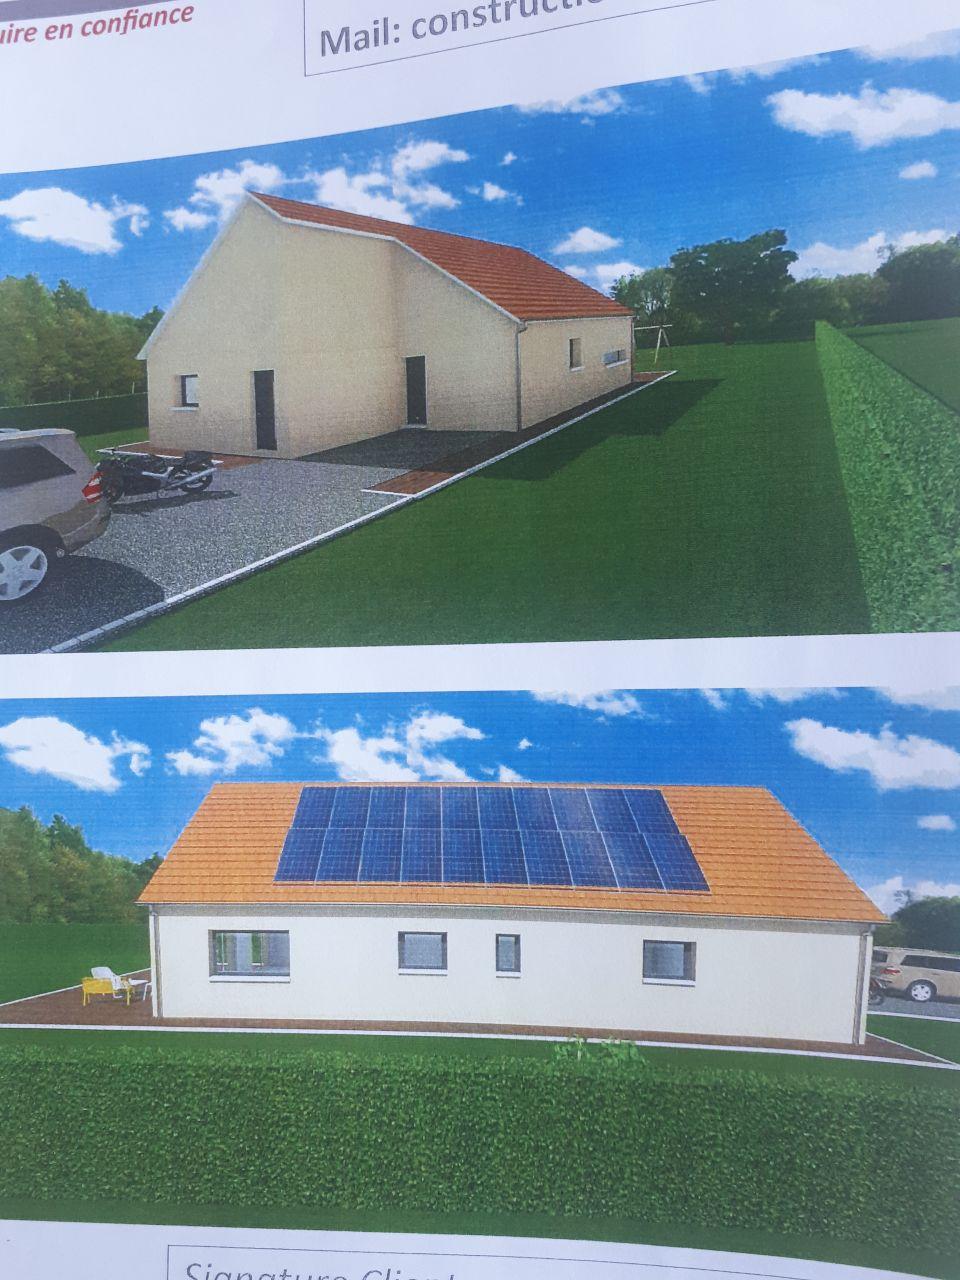 autre vue de la maison. Il y aura 22 panneaux photovoltaïque avec batterie de stockage pour l'autoconsommation et revente du surplus, objectif être pratiquement autonome.